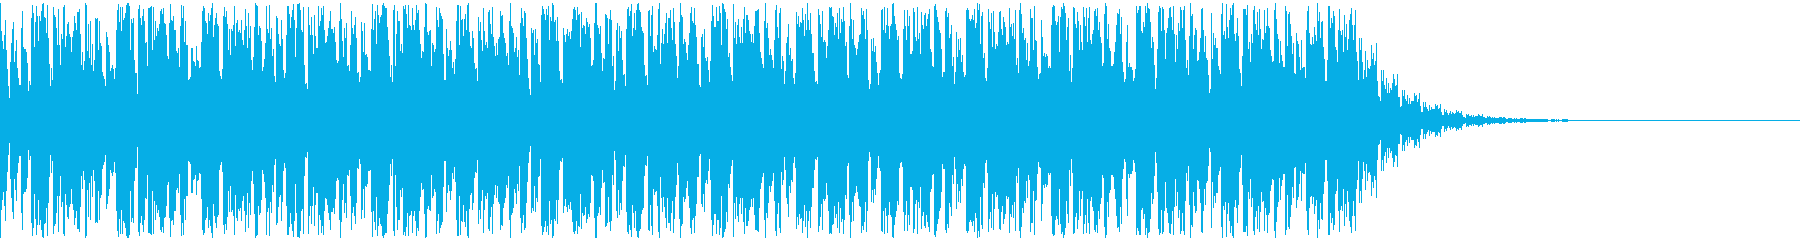 【EDM】トランス、ロング7、ジングル1の再生済みの波形